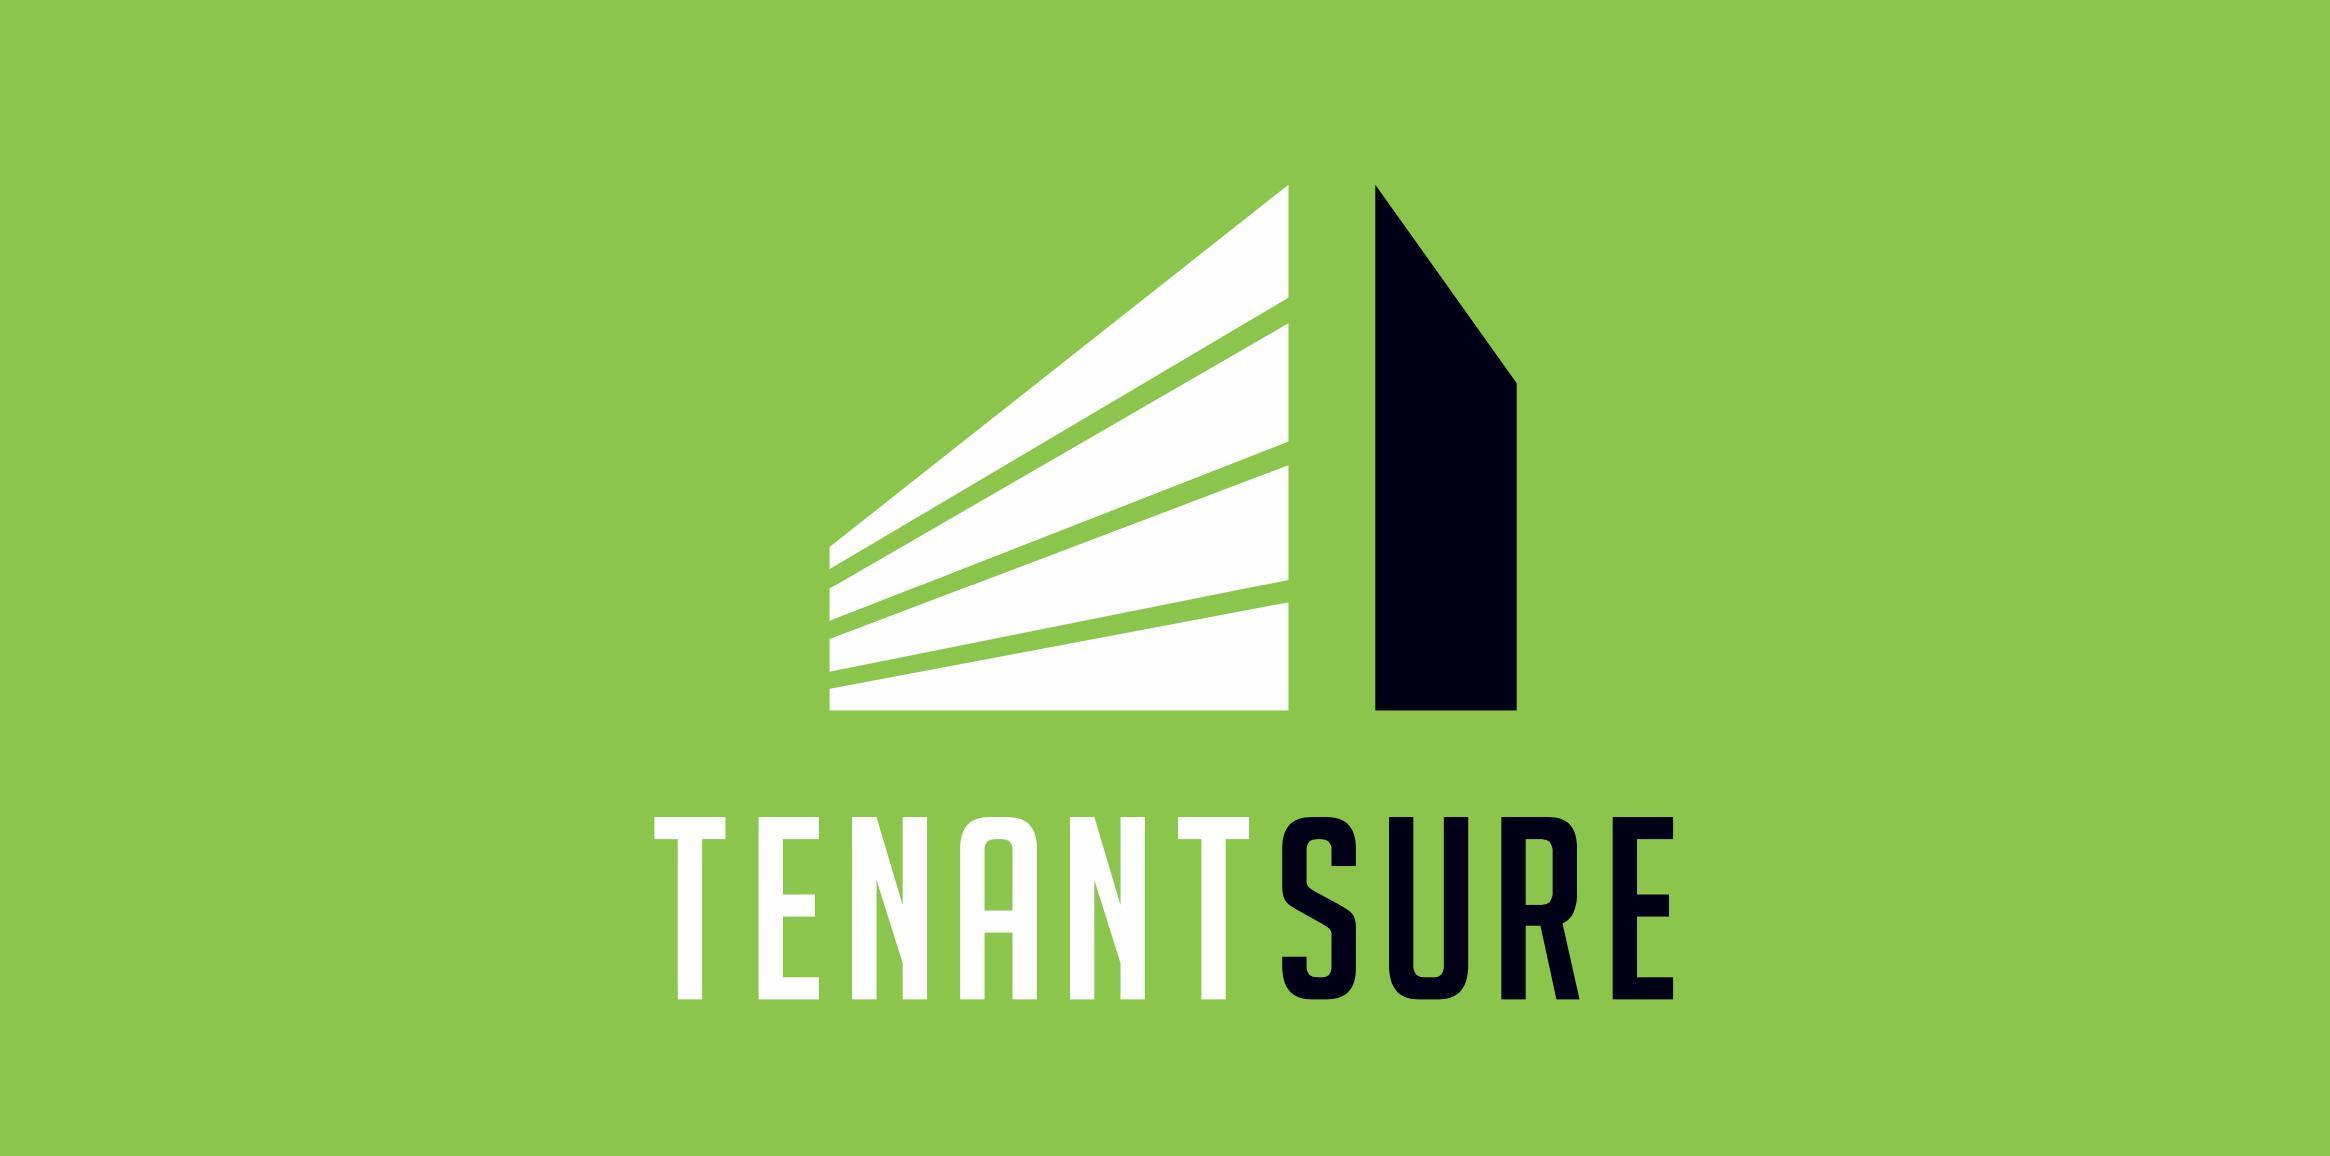 TenantSure